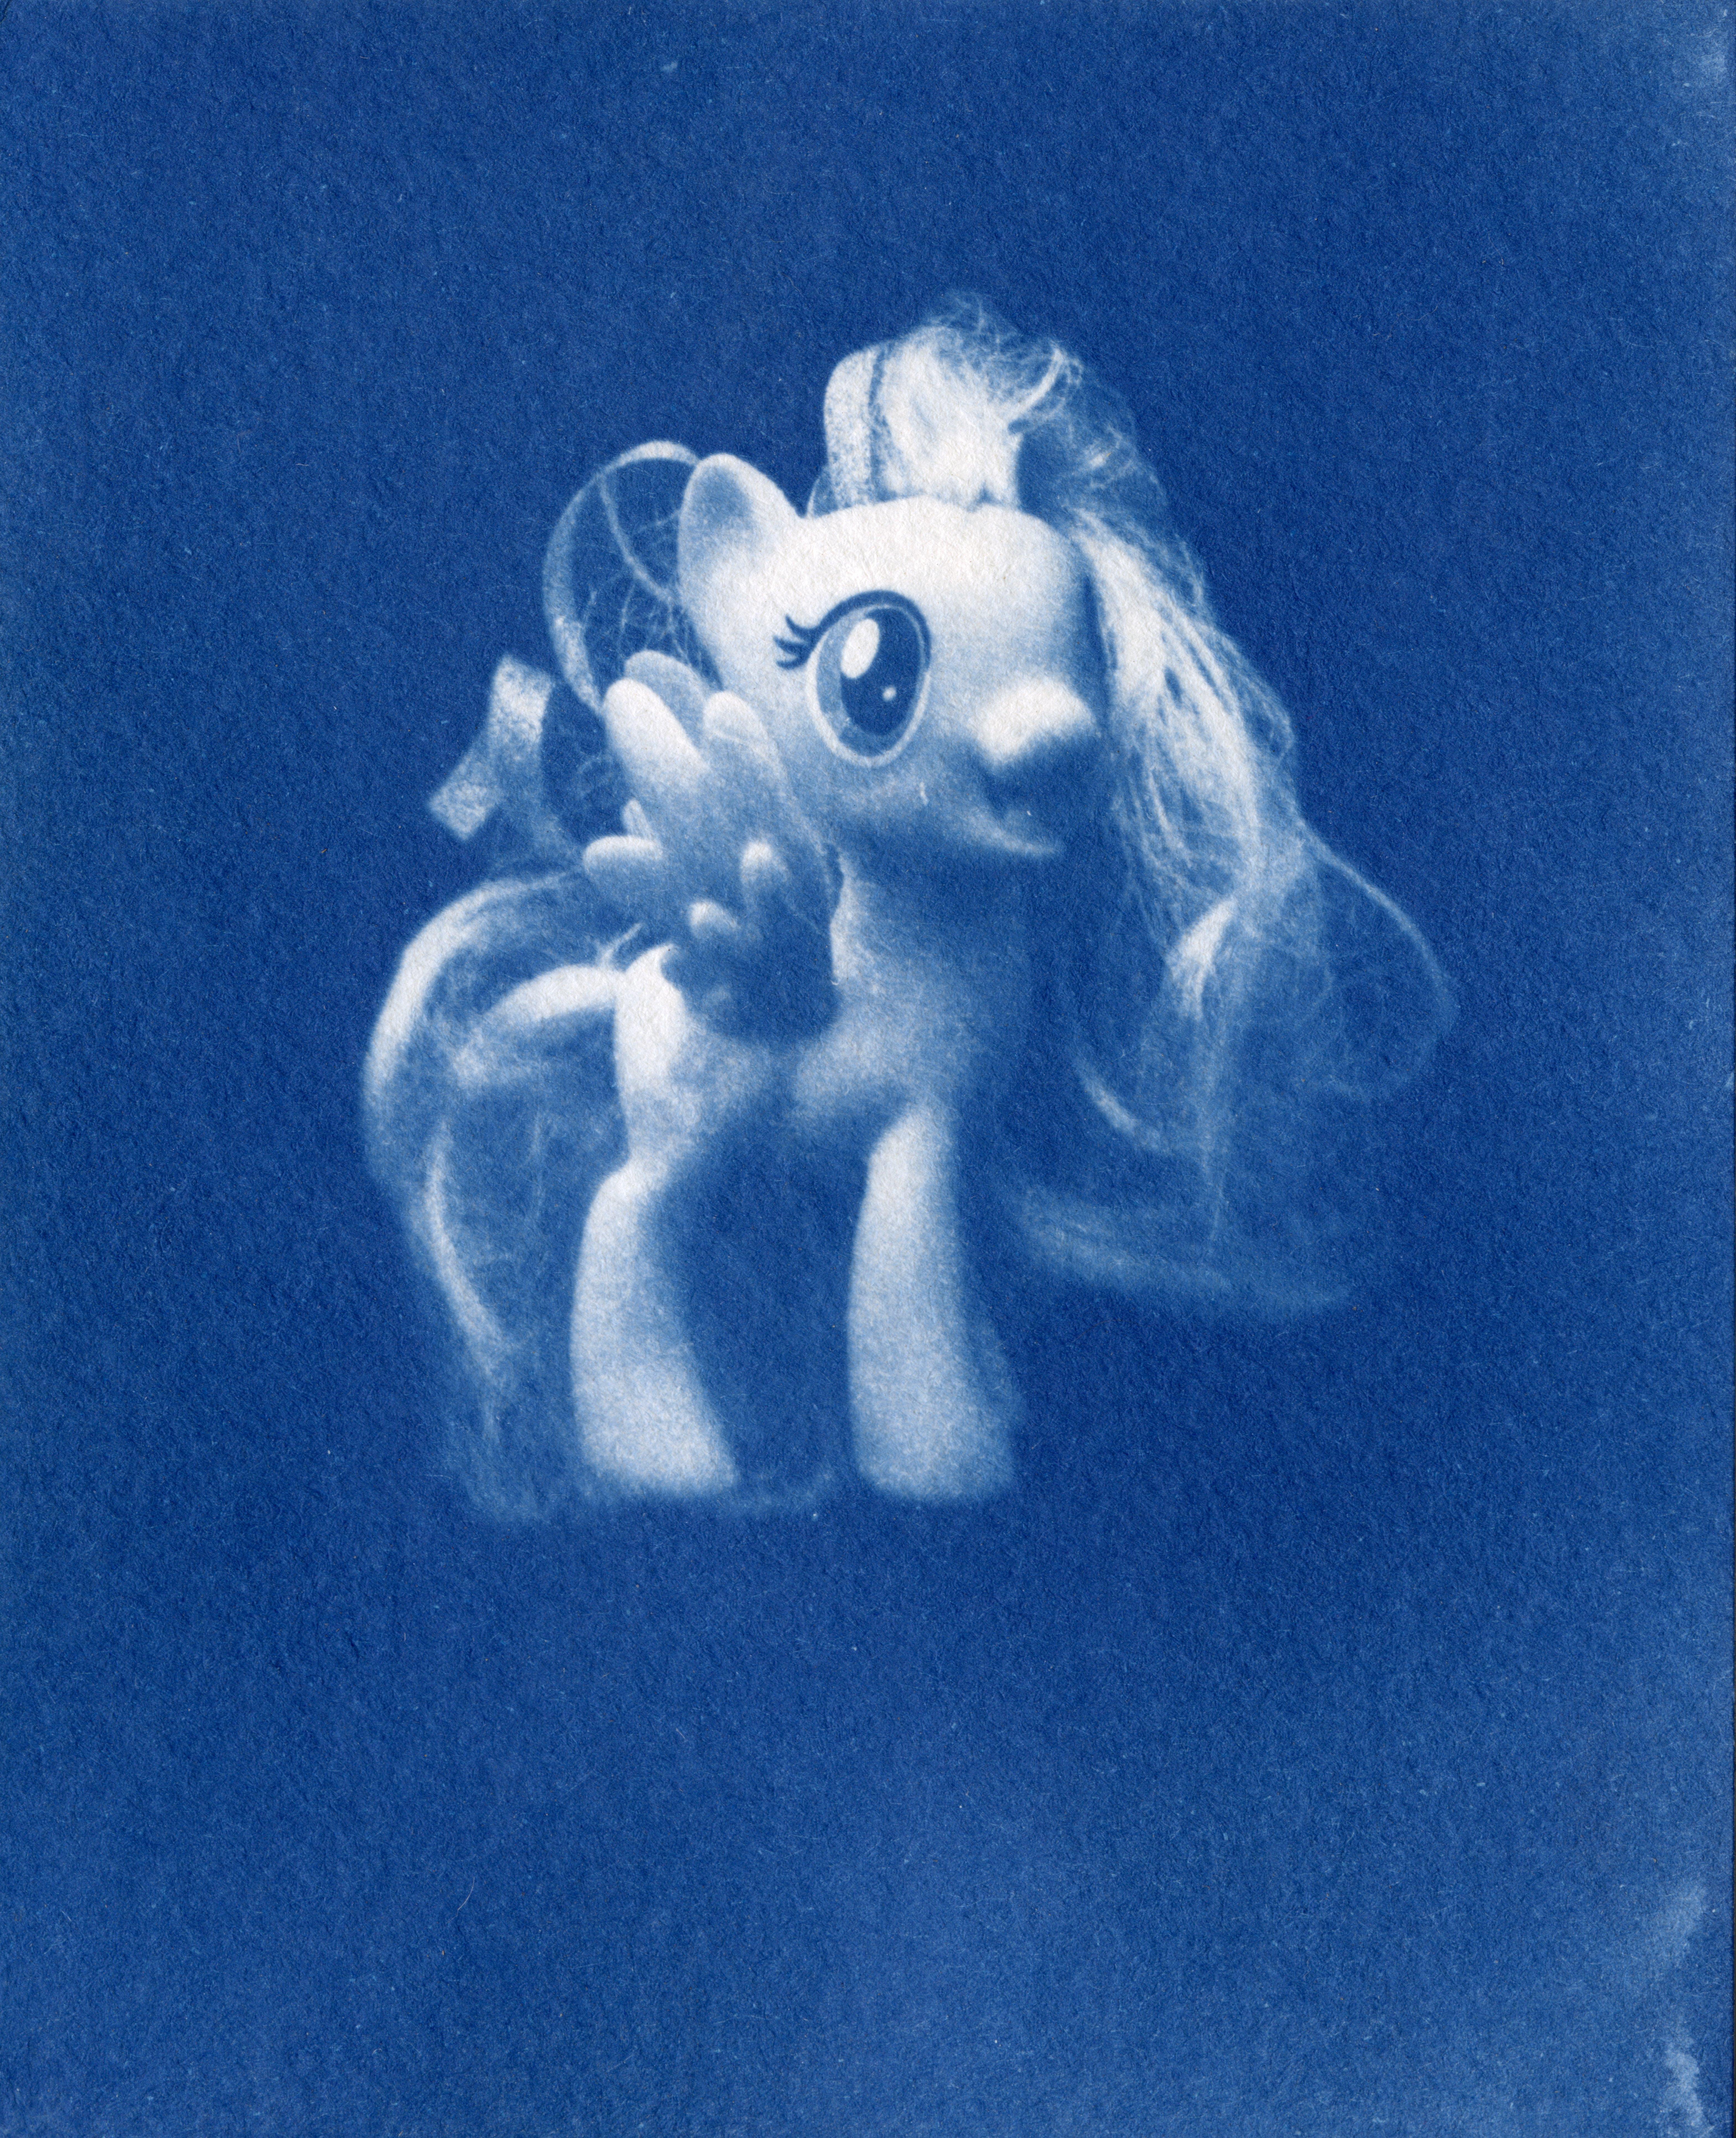 cyanotype01.jpg